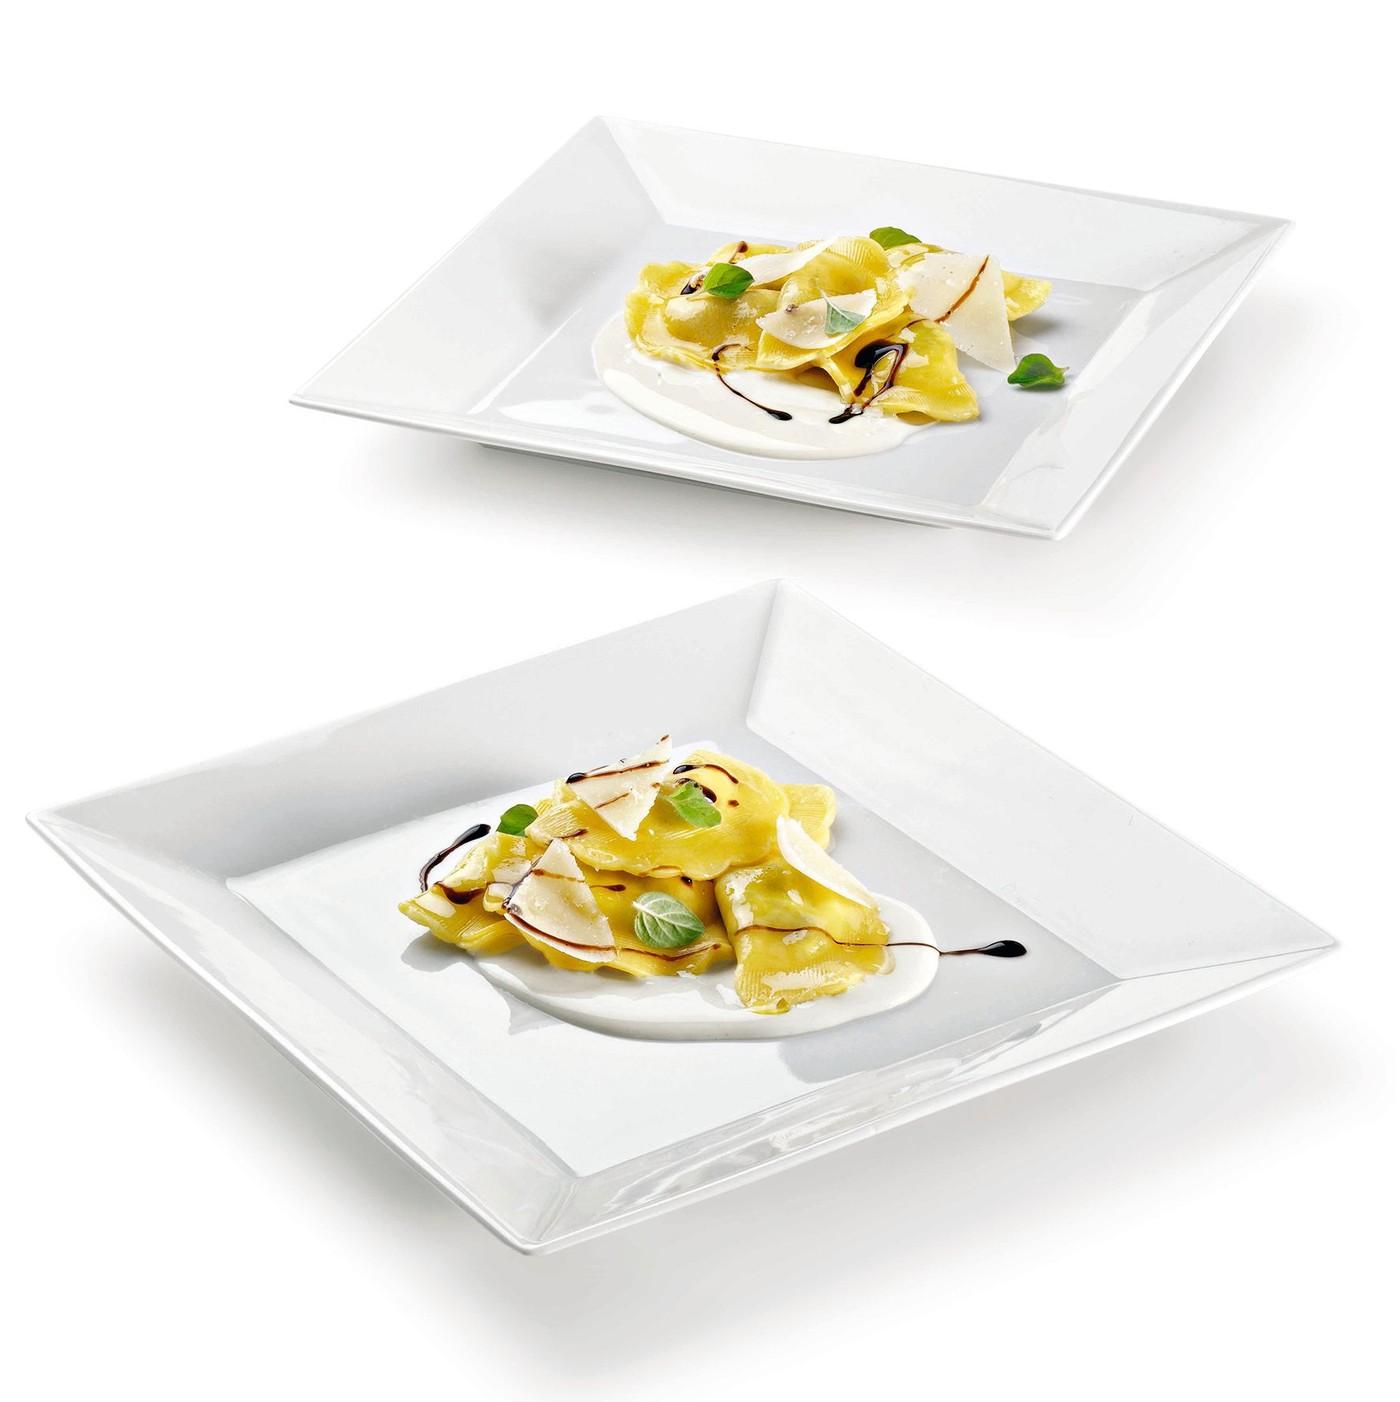 receta de Tortelli Mezzaluna Con Ricotta Y Espinacas